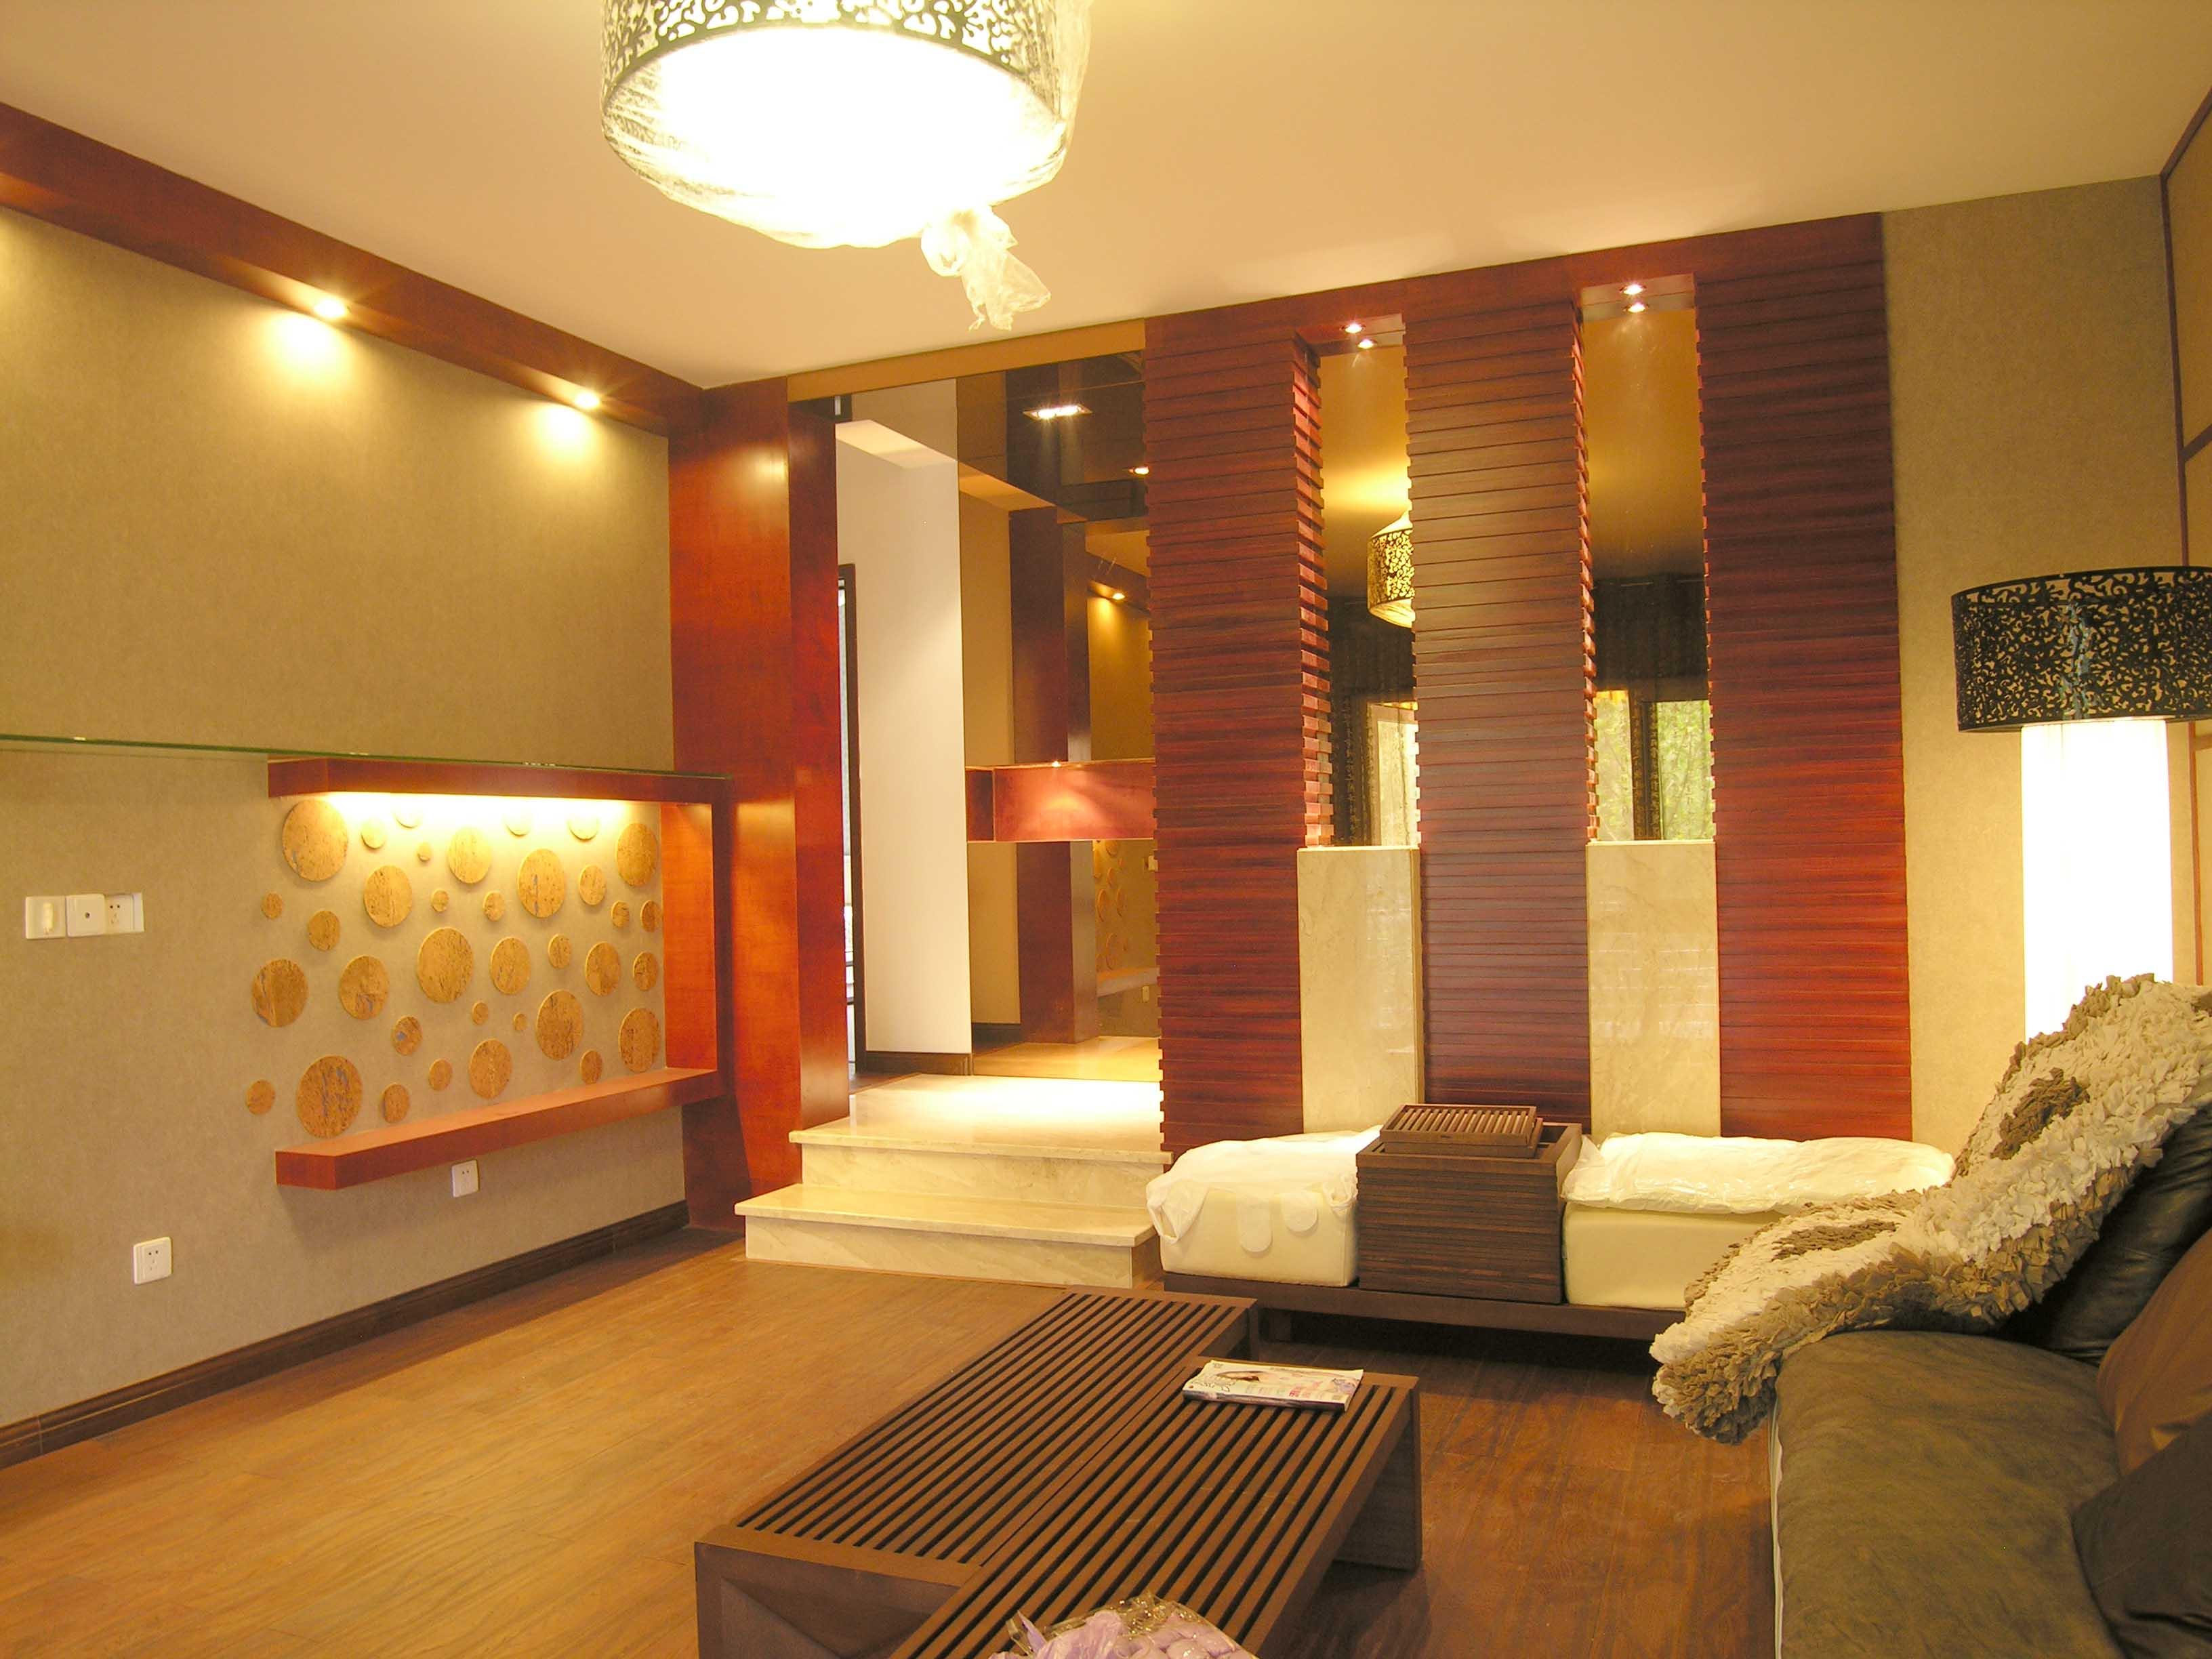 简装复式家居客厅装潢图片欣赏 - 装修效果图 - 九正图片